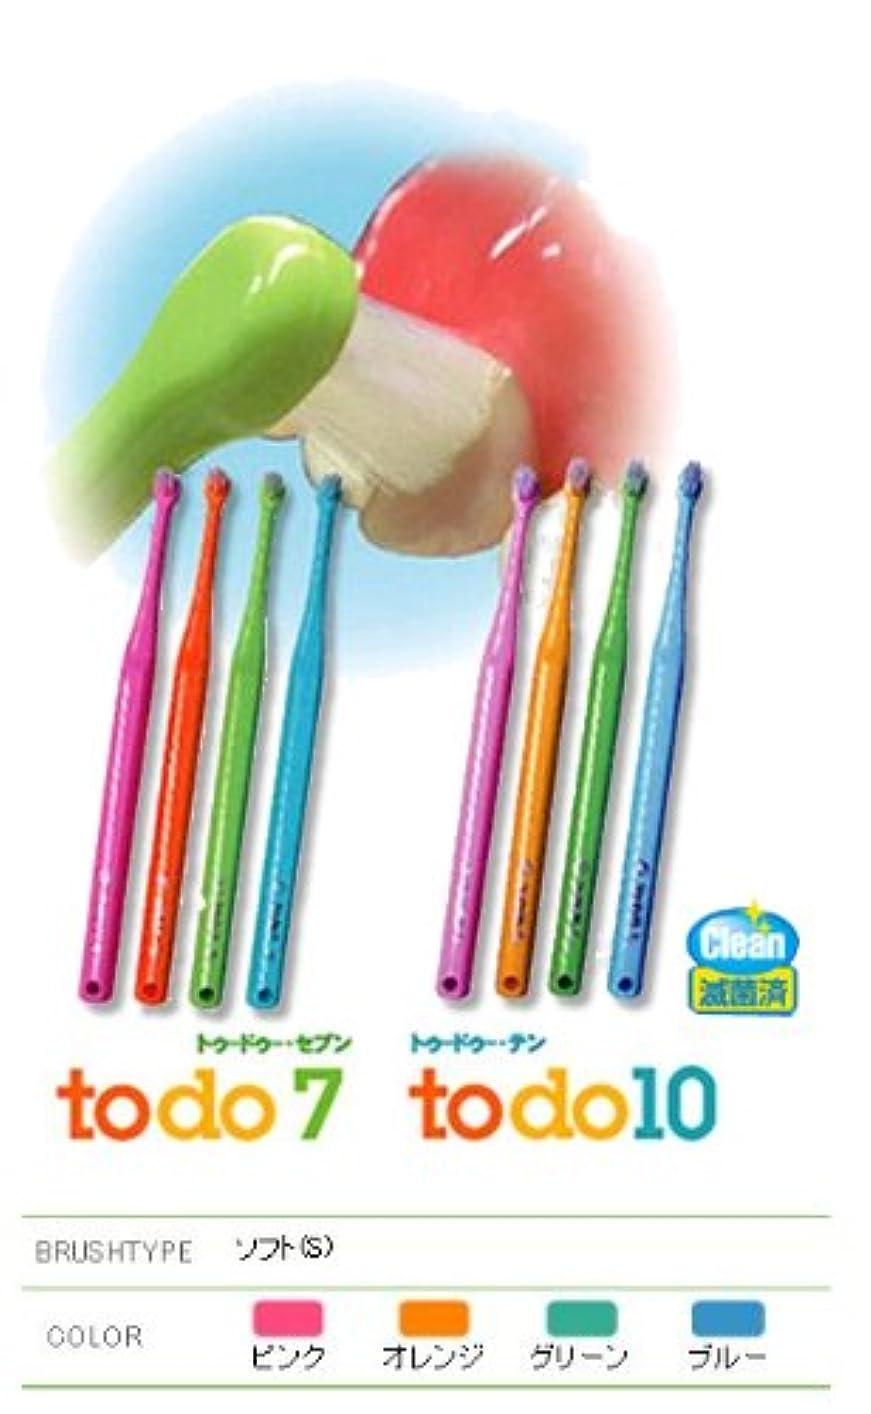 パニックボトルネック母性【オーラルケア】【歯科用】todo10 1箱(24本)【歯ブラシ】【滅菌済】4色(アソート)トゥードゥー?テン